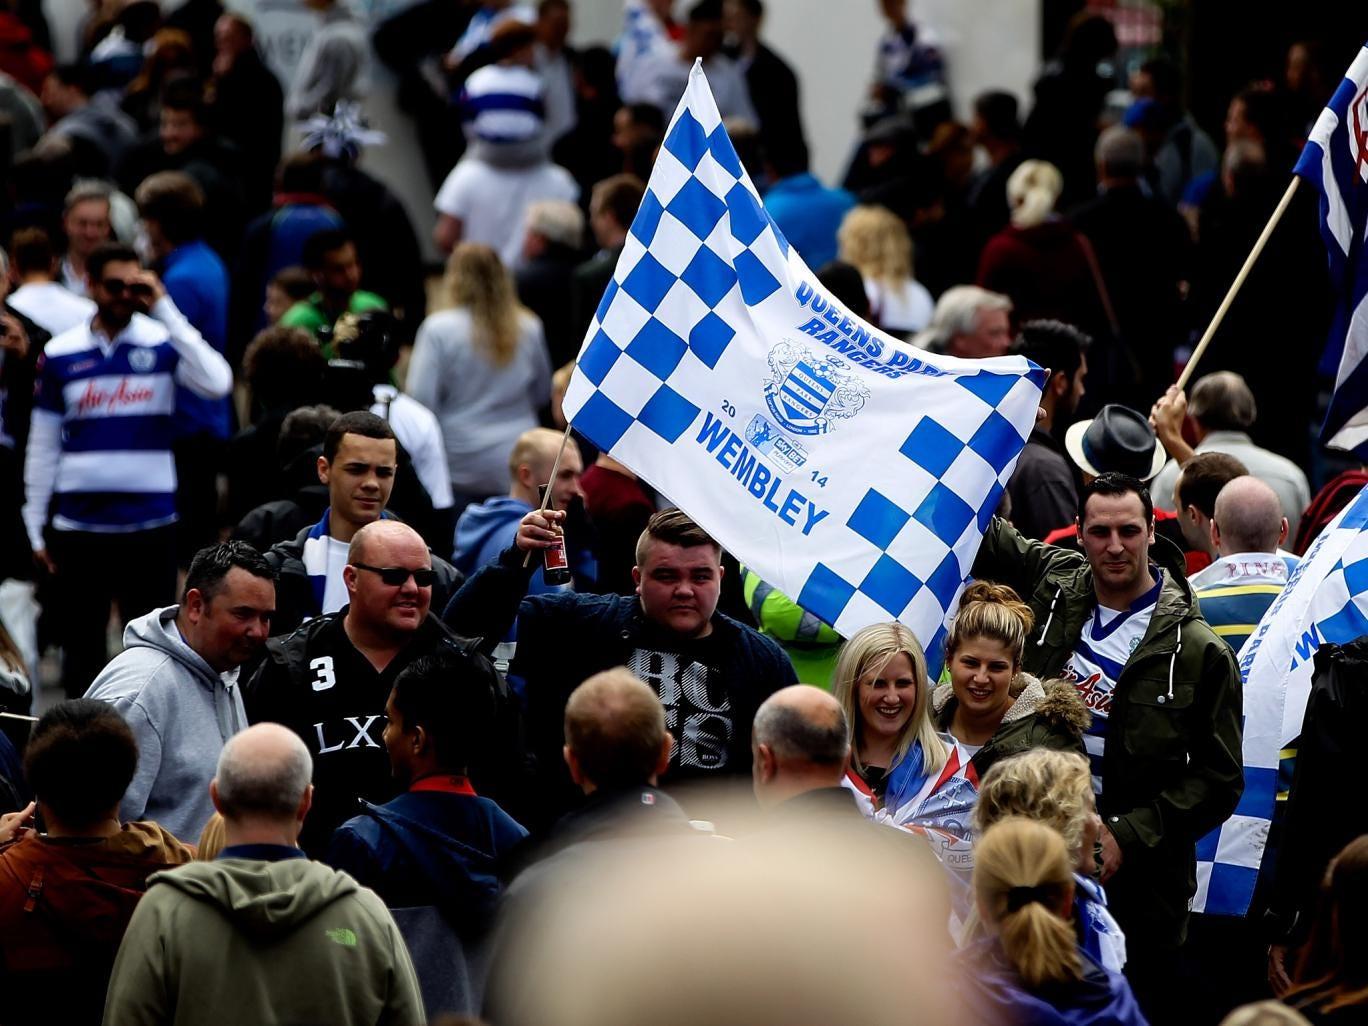 QPR fans at Wembley